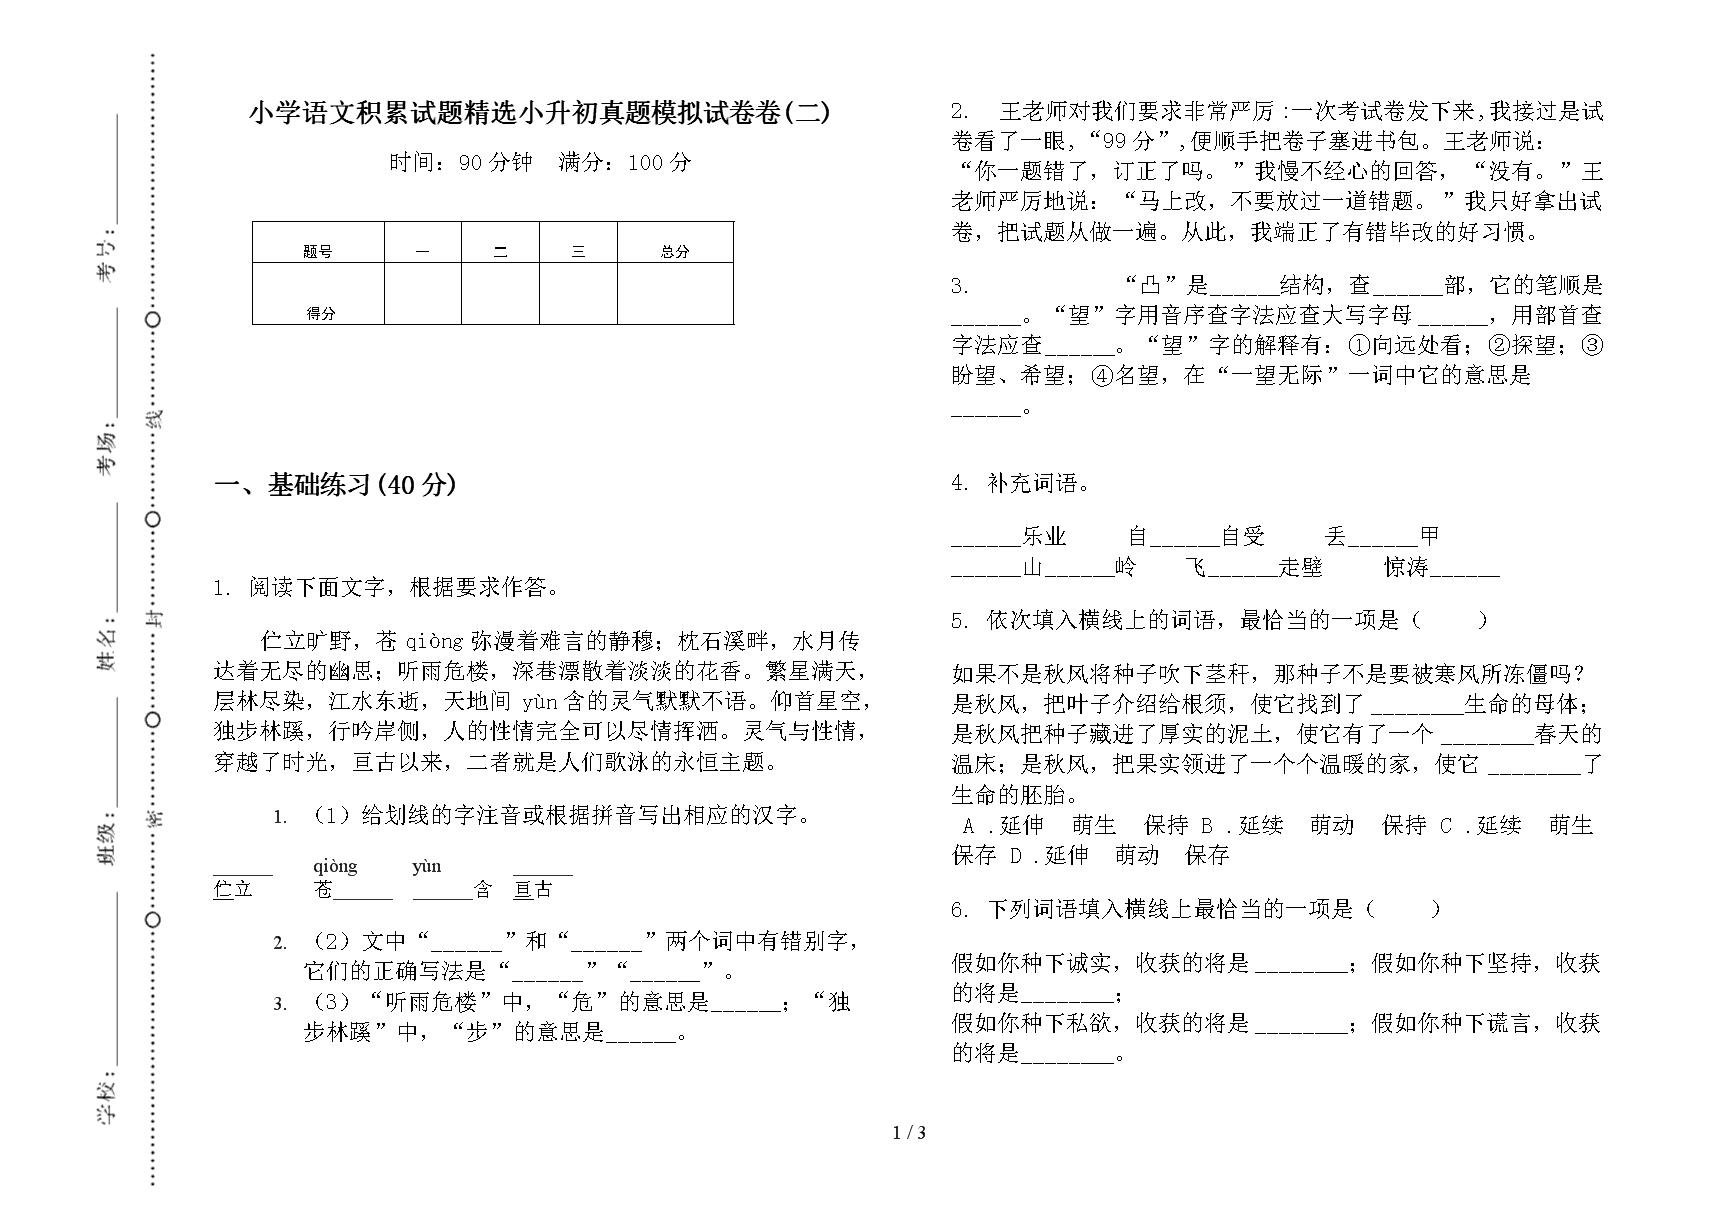 小学语文积累试题精选小升初真题模拟试卷卷(二).docx